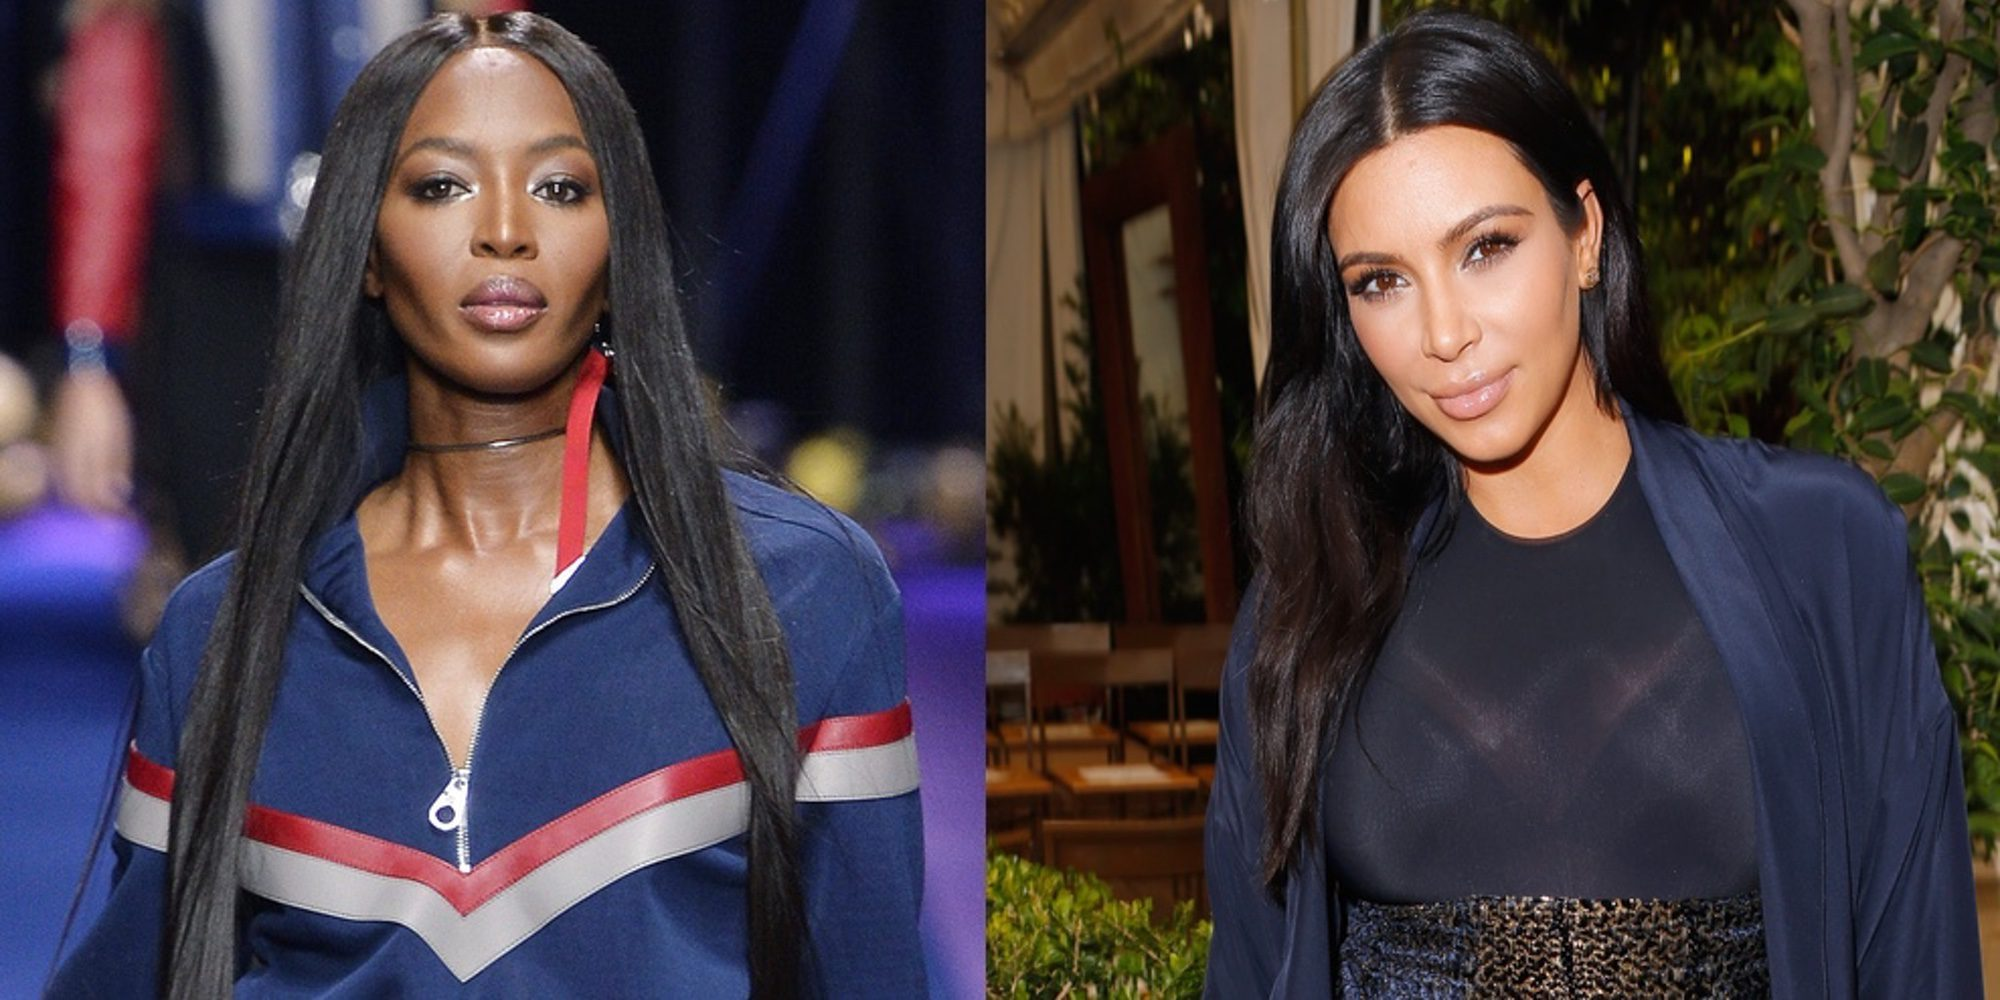 Naomi Campbell confiesa que ella también sufrió un atraco en París como Kim Kardashian